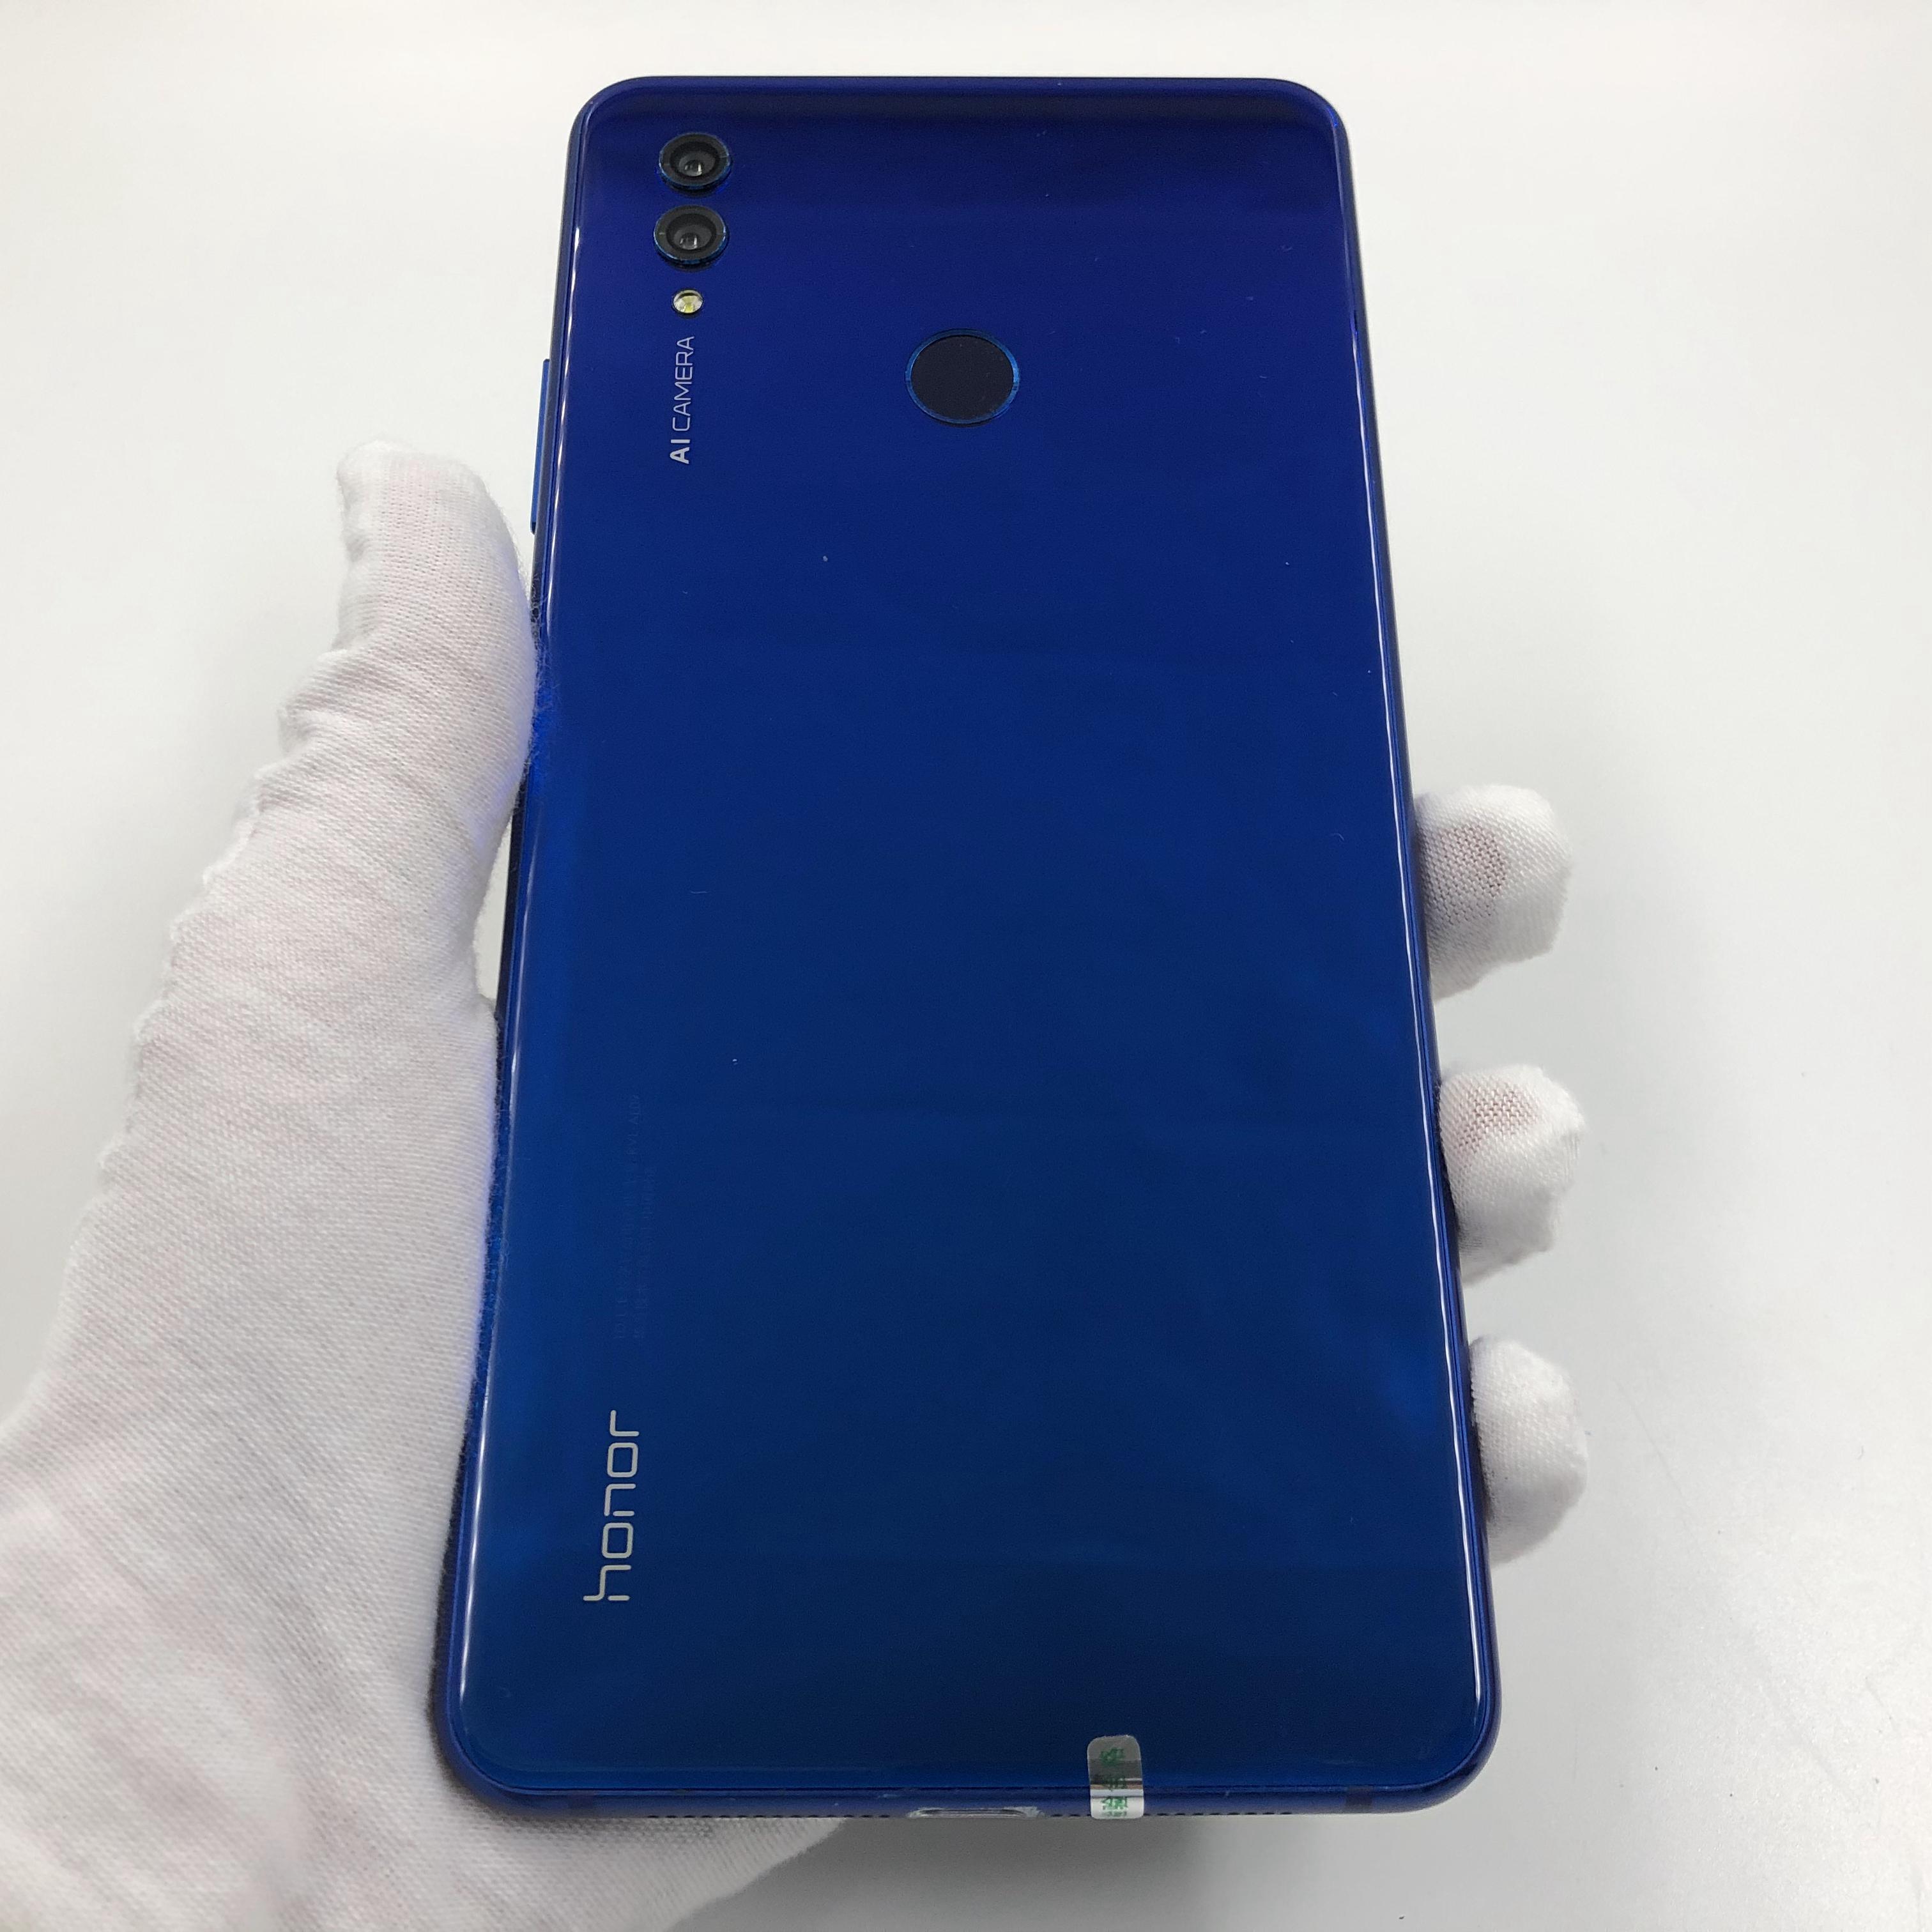 荣耀【荣耀 Note10】4G全网通 蓝色 6G/128G 国行 7成新 真机实拍